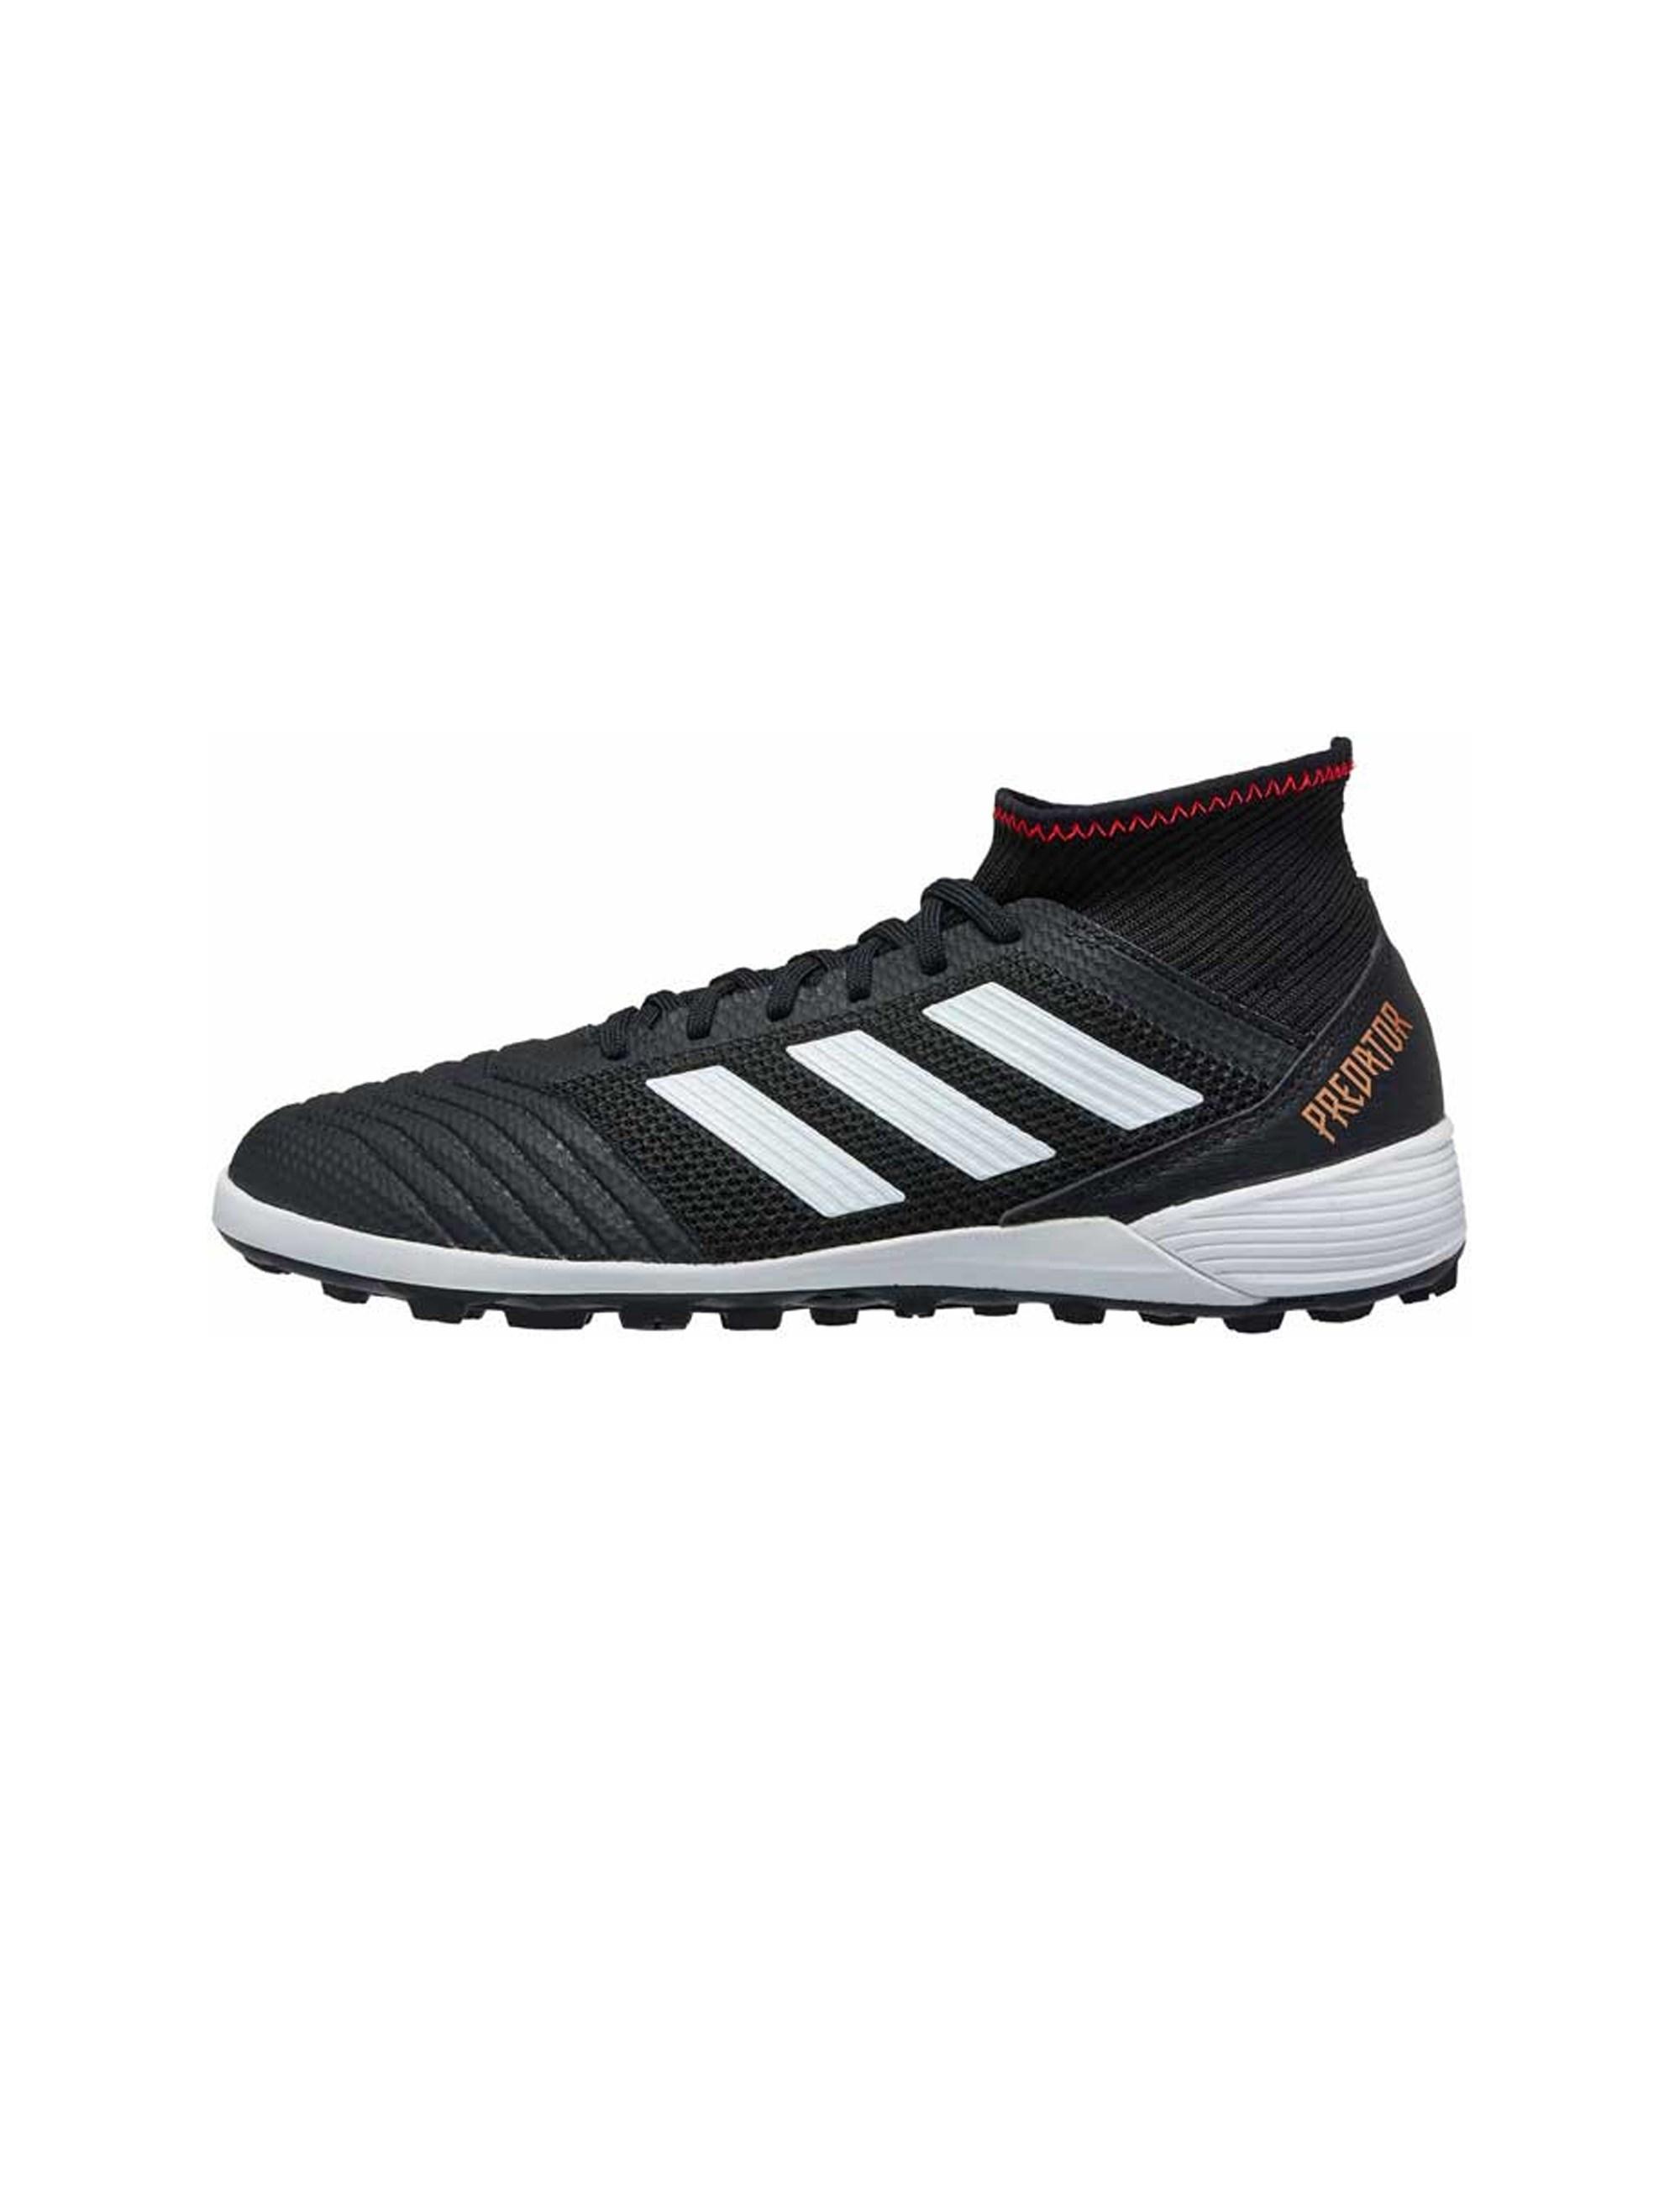 کفش فوتبال مردانه آدیداس مدل Predator Tango 18-3 Turf